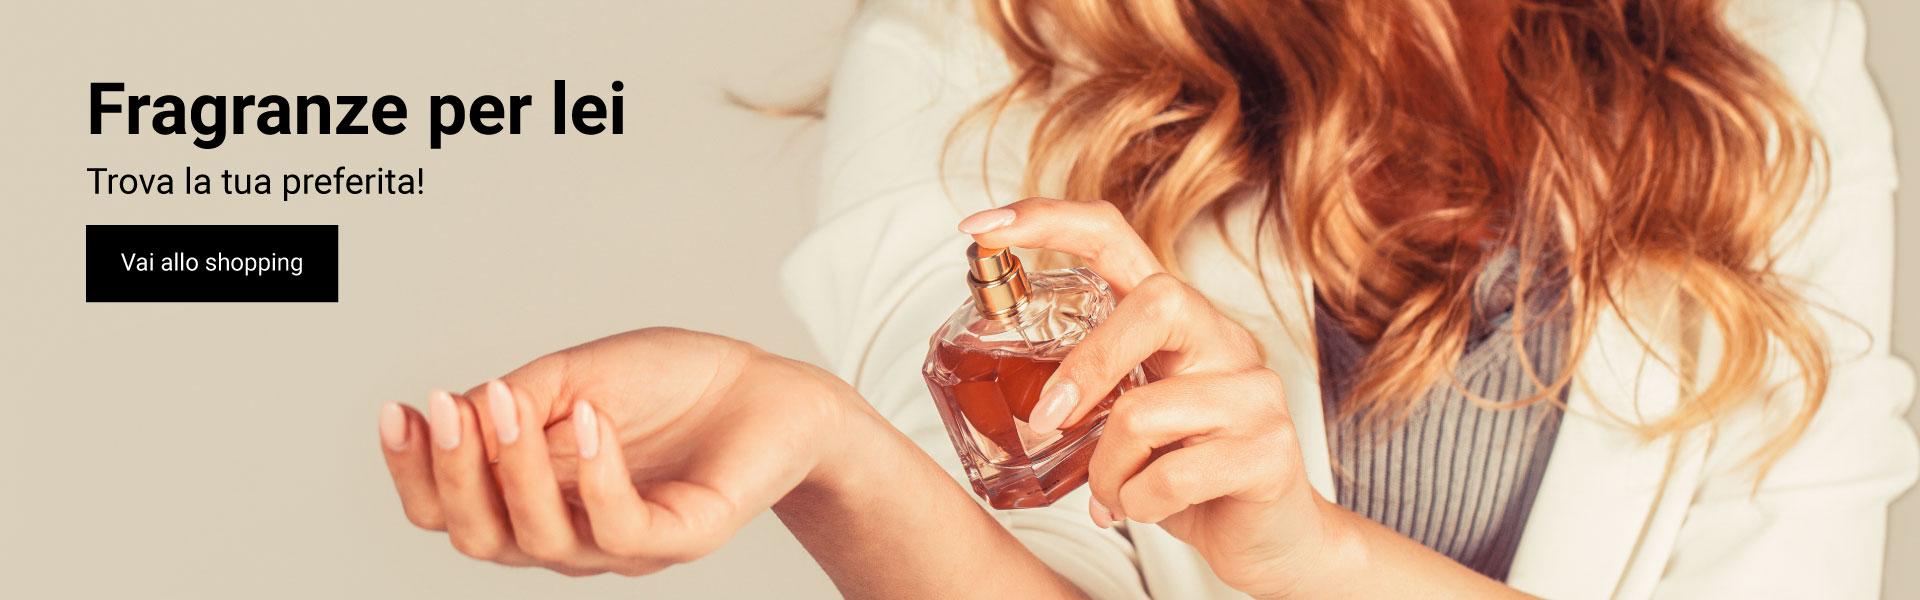 Profumeria Essenza | Vasto assortimento di profumi e cosmetici per uomo e donna